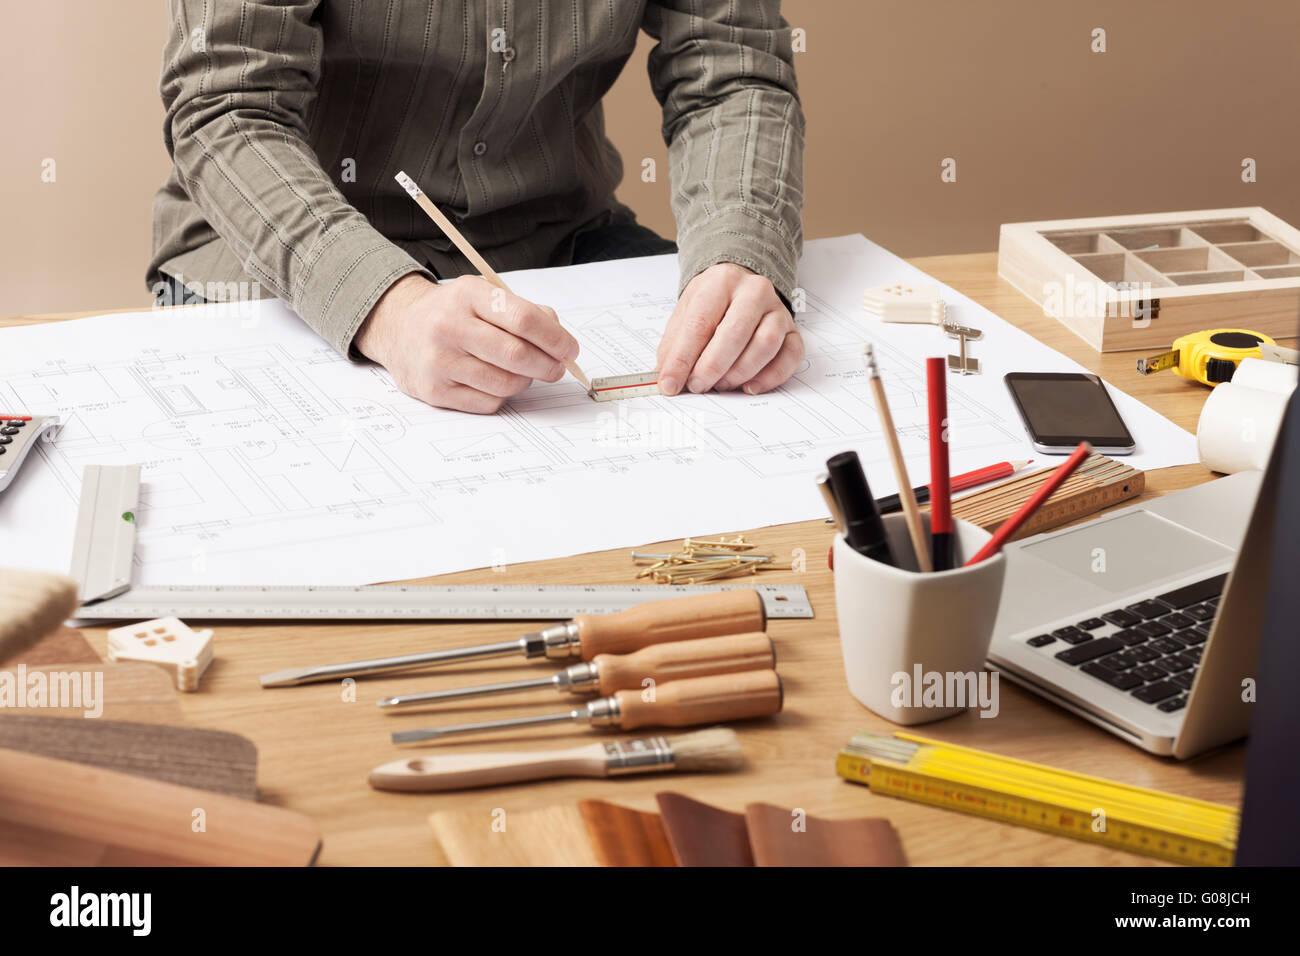 Professionelle Architekten und Bau-Ingenieur arbeiten am Schreibtisch Hände close-up, er zieht auf einen Entwurf Stockbild